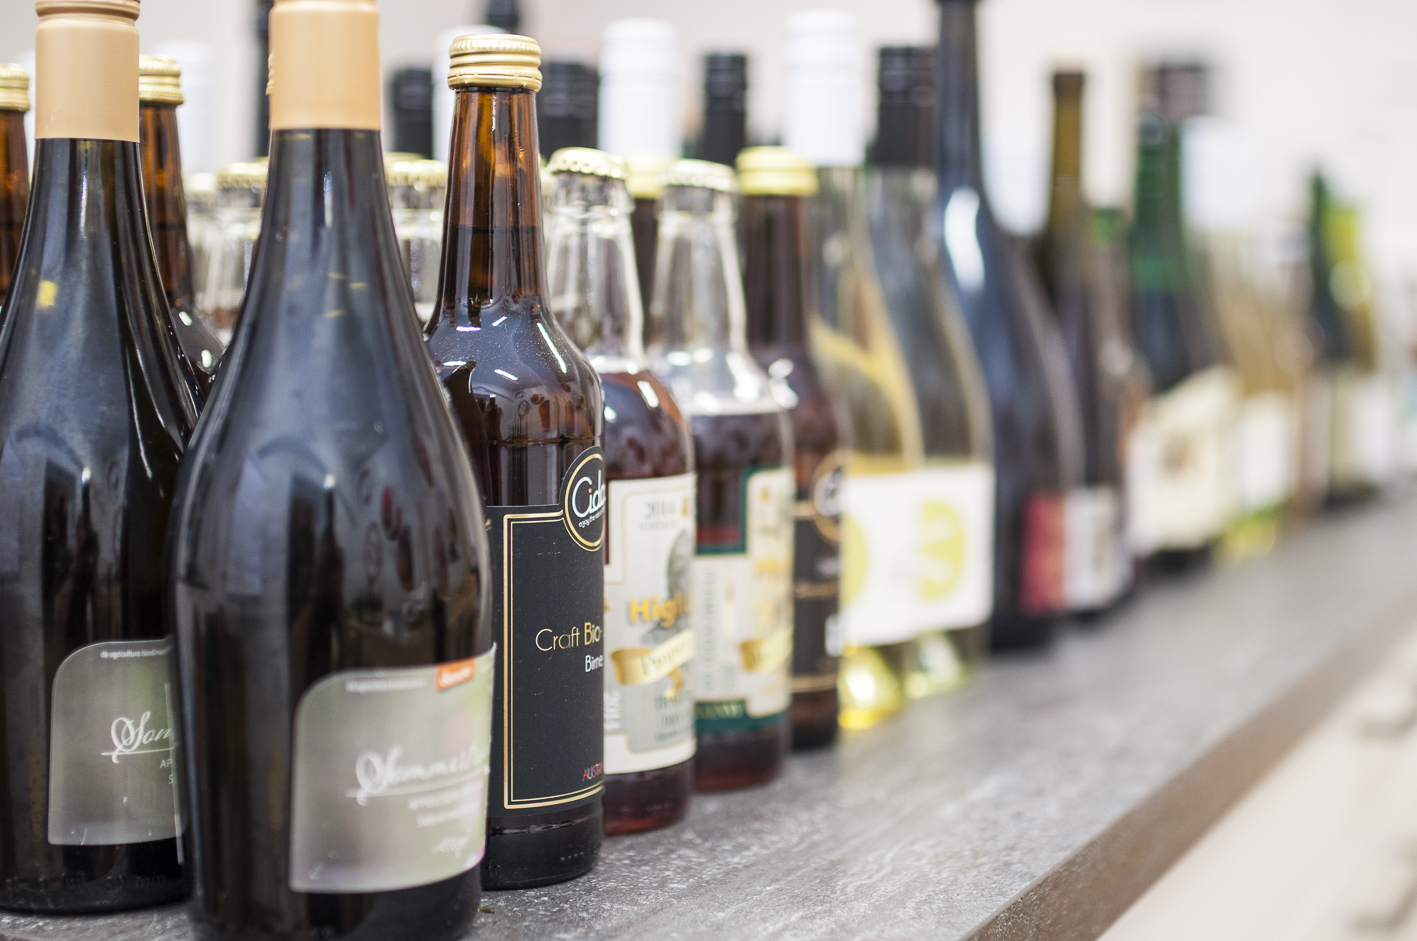 Bio-Cider, Mostothek, Verkostung, Tasting_forum, Bio 3.0, #biodreinull, Streuobst